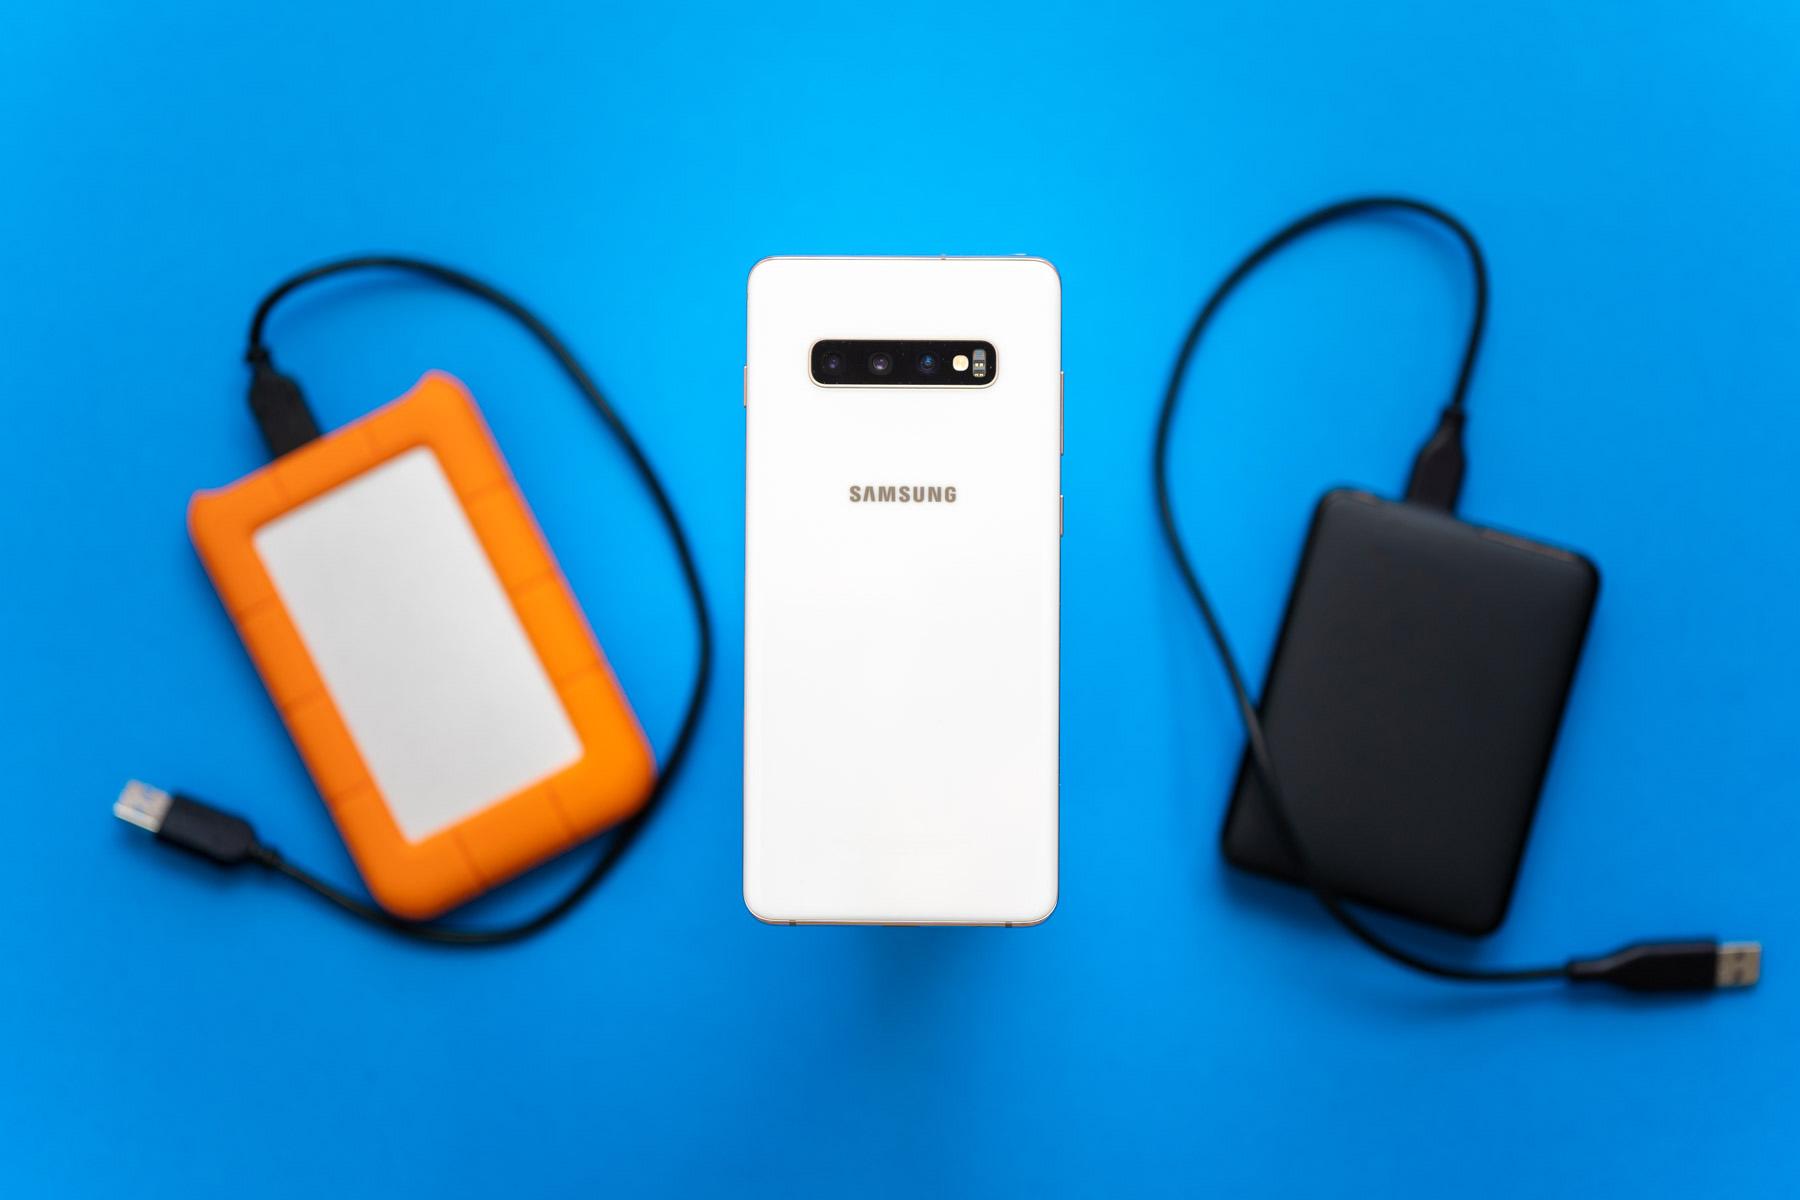 aurrera 5 MB  behera 1 TB, armairutik smartphone-era, memoria memoria laburra